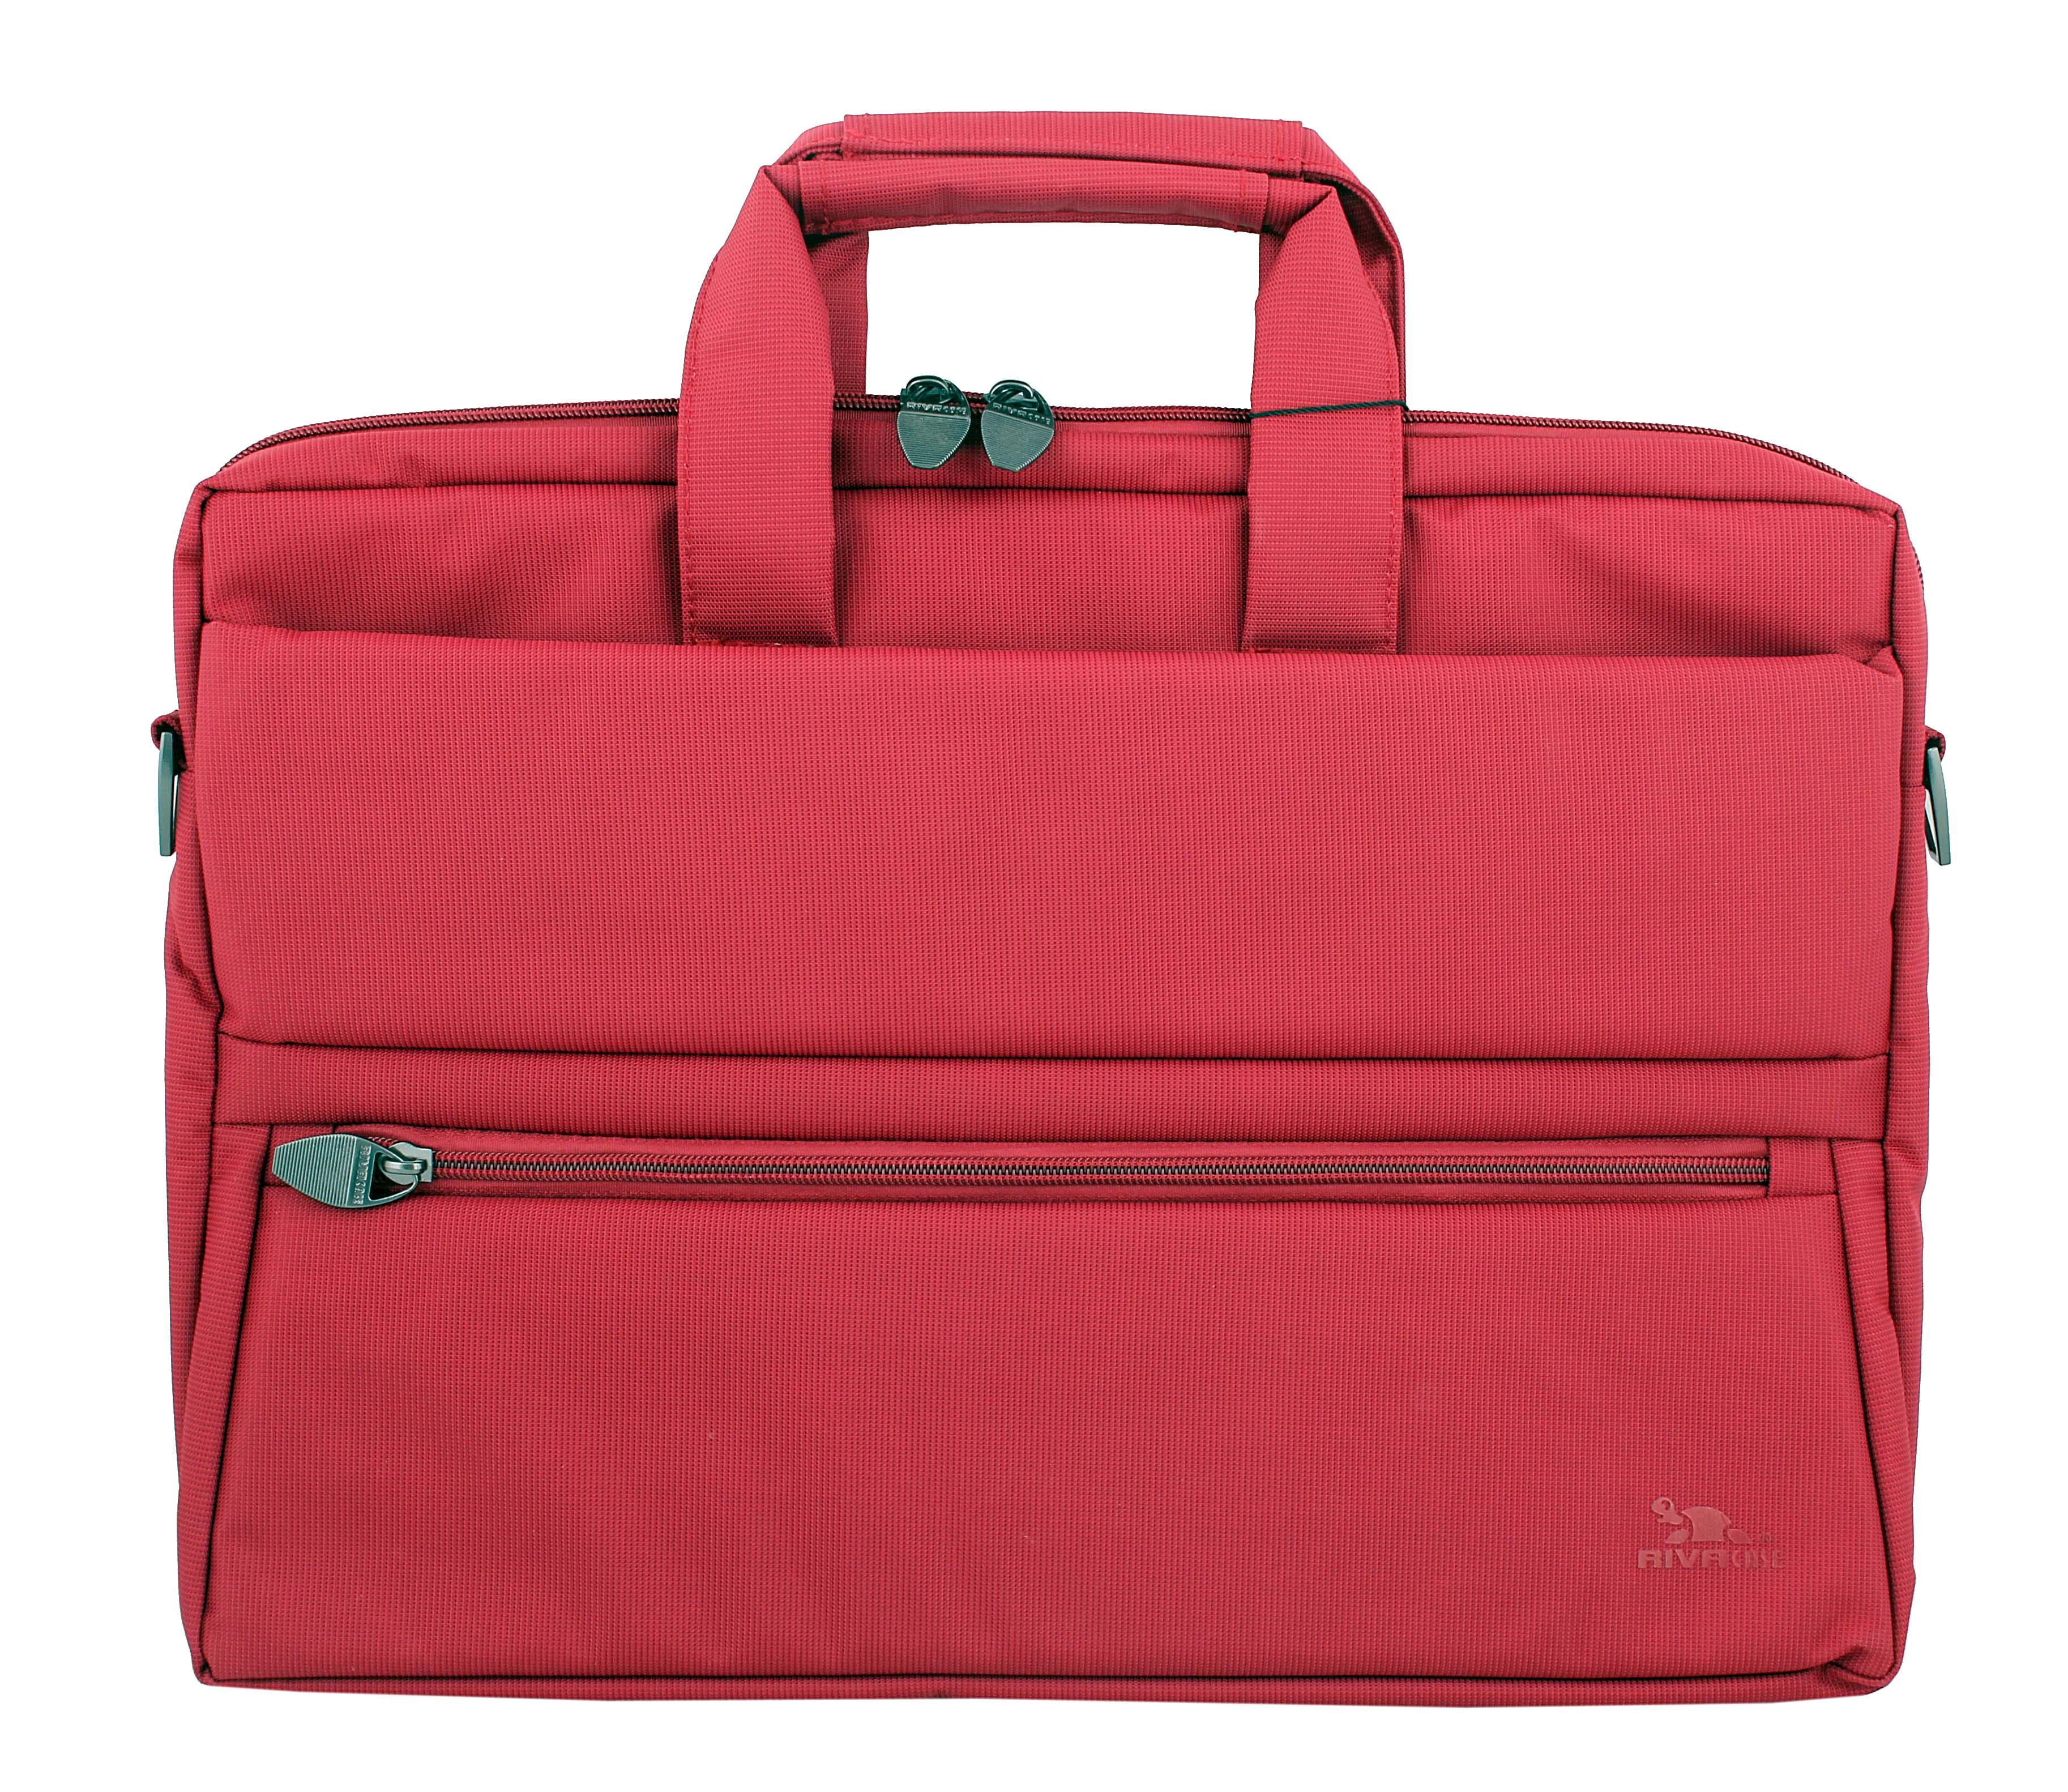 Кейс для ноутбука Riva case Real Brand Technics 1378.000